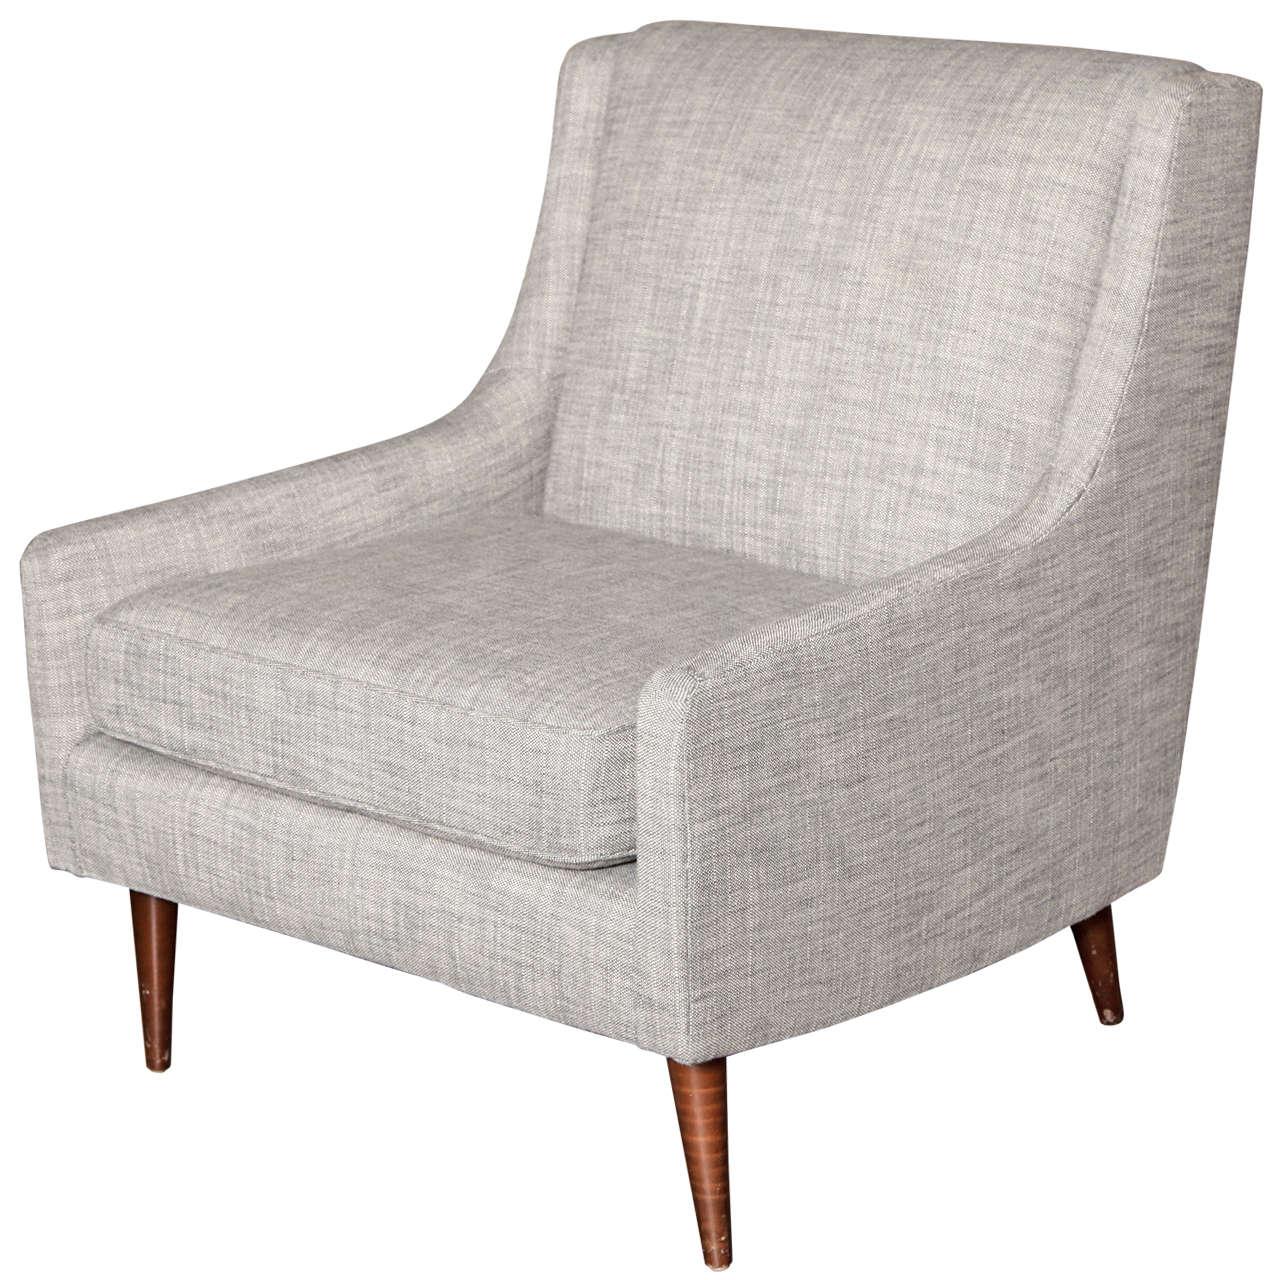 Fantastic vintage 1950 39 s mid century modern armchair at for Mid century modern armchairs